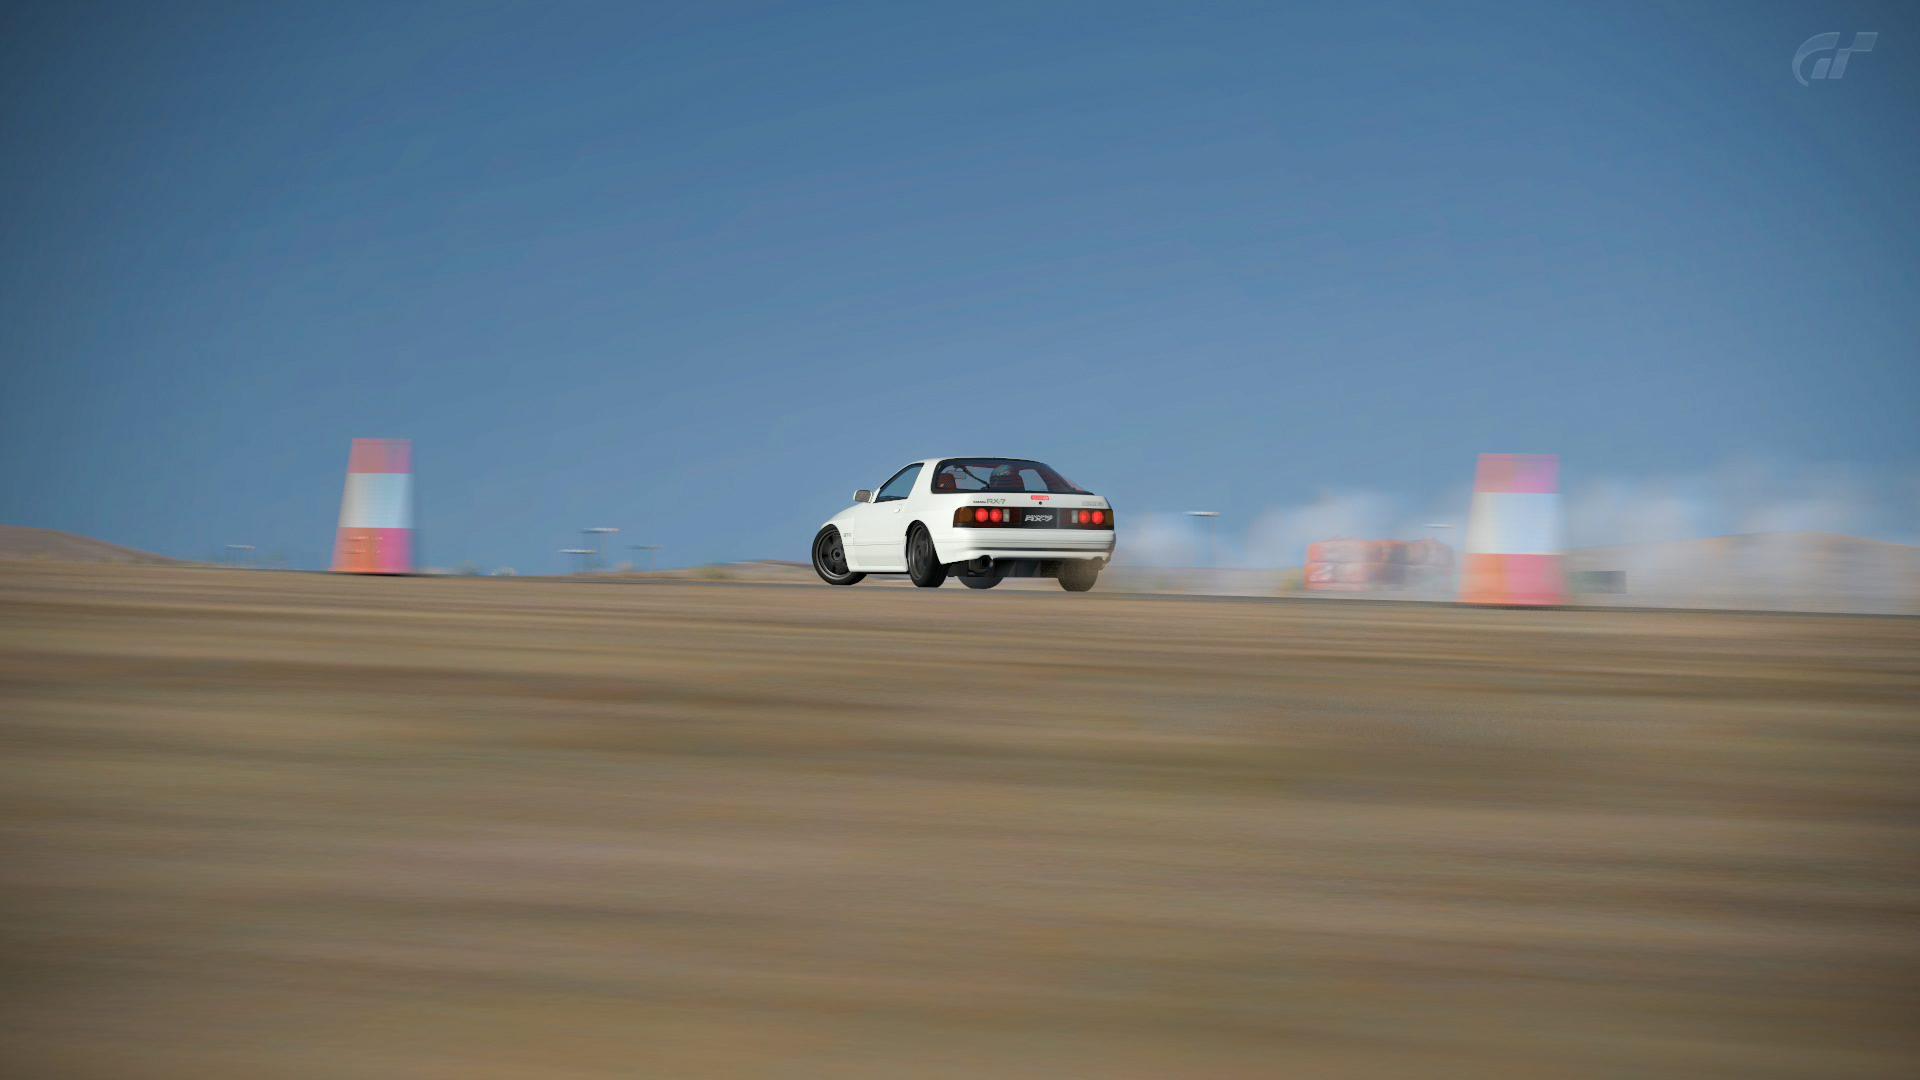 Willow Springs International Raceway_ Streets of Willow Springs_7.jpg